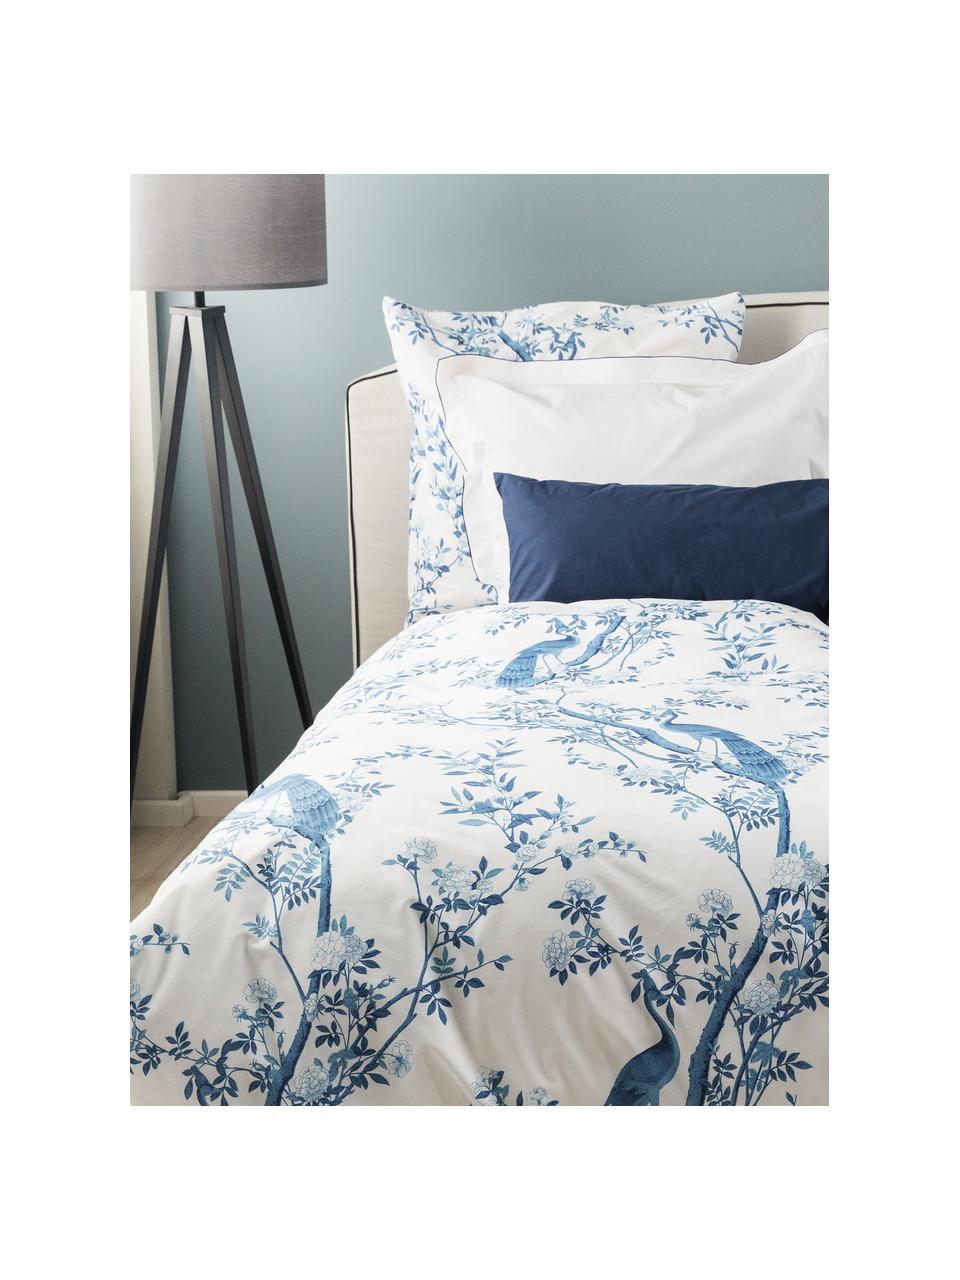 Pościel z perkalu Annabelle, Niebieski, biały, 135 x 200 cm + 1 poduszka 80 x 80 cm